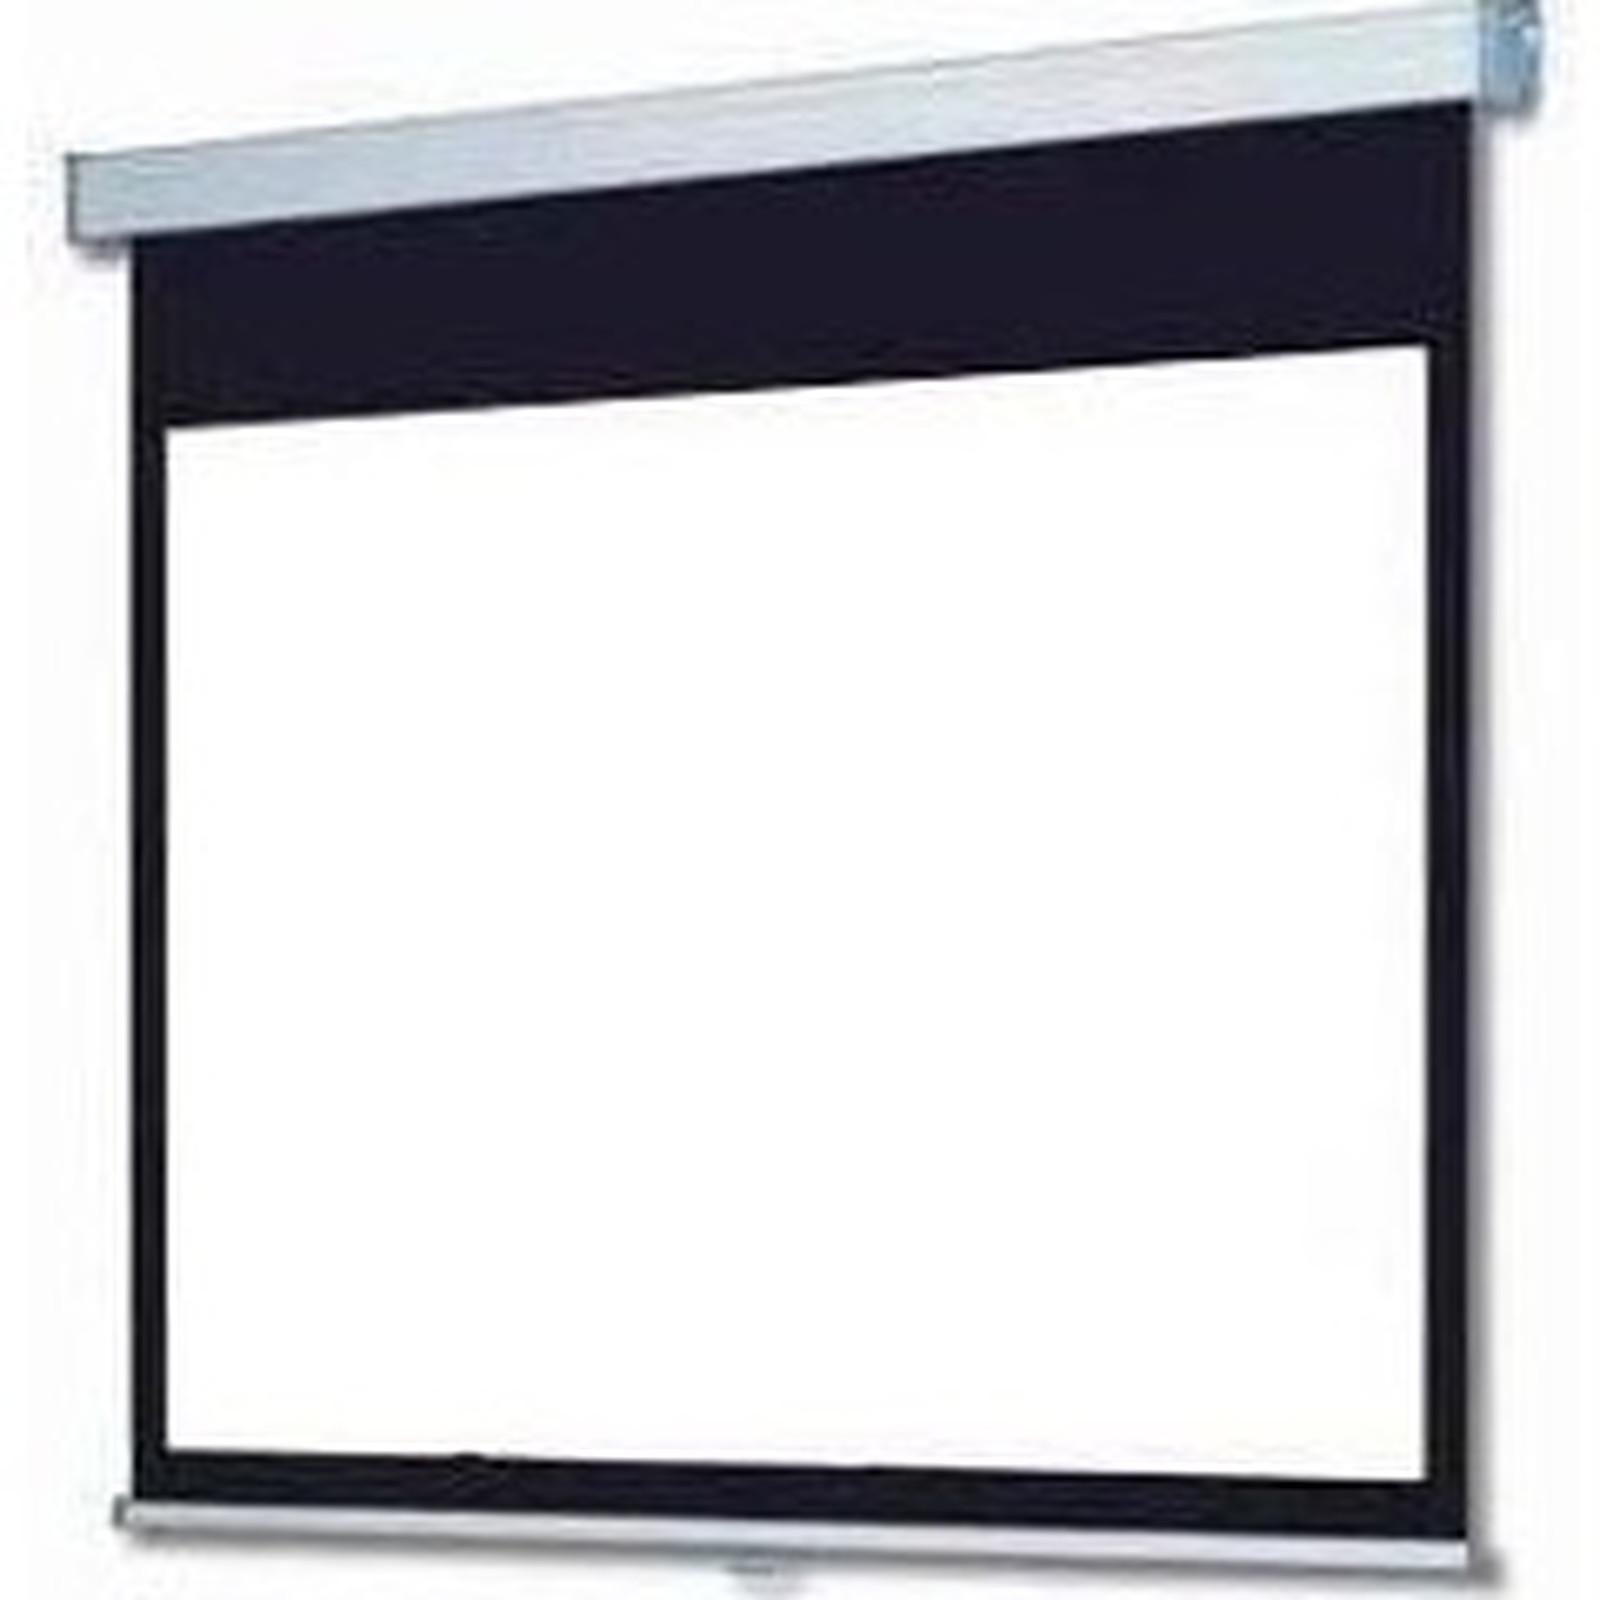 LDLC Ecran manuel - Format 16:9 - 240 x 135 cm